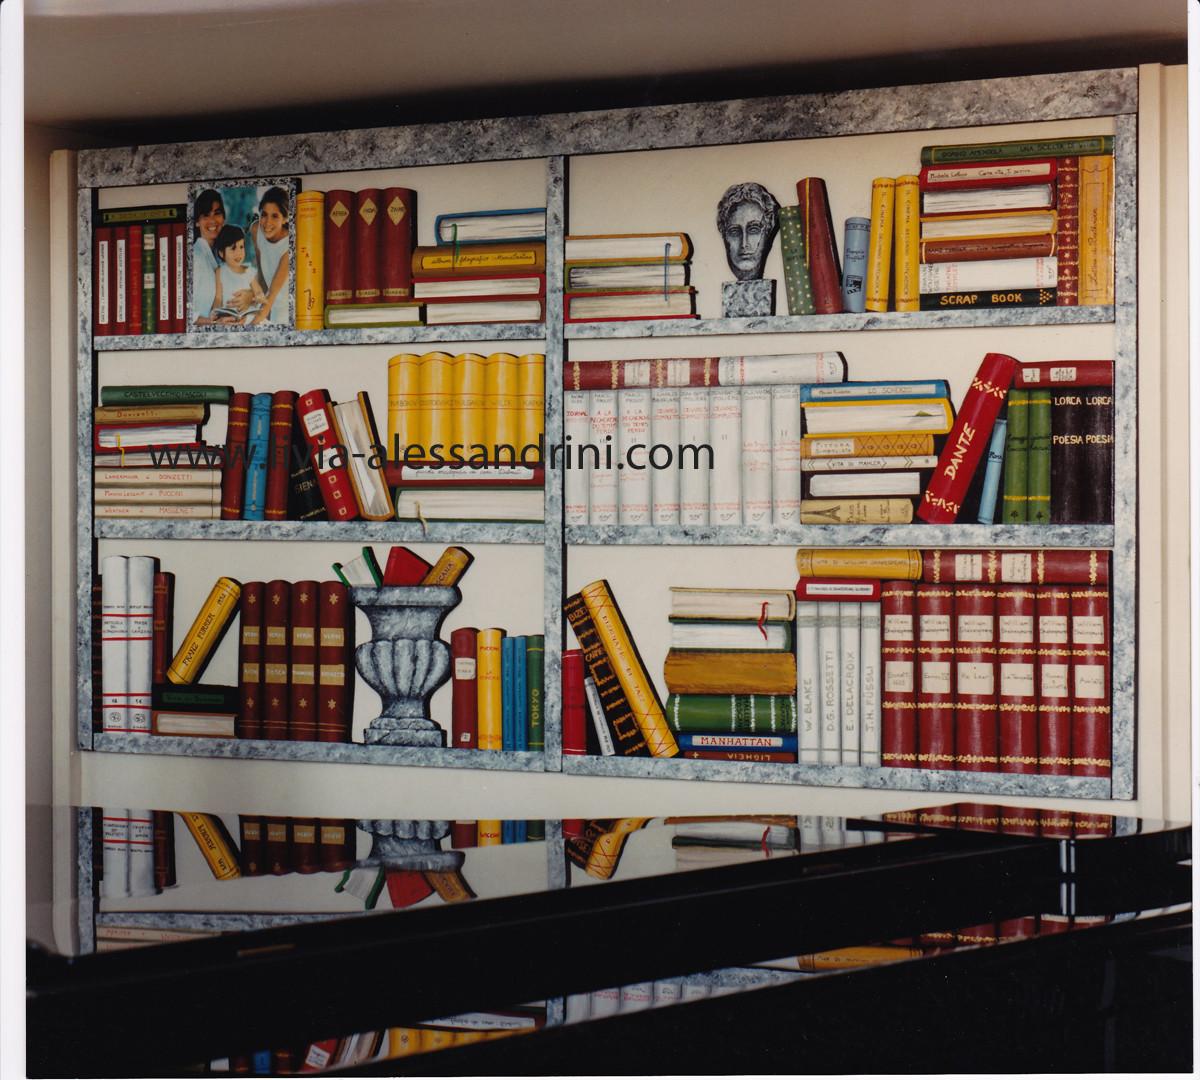 Livia Alessandrini - Bibliotheca sur commande